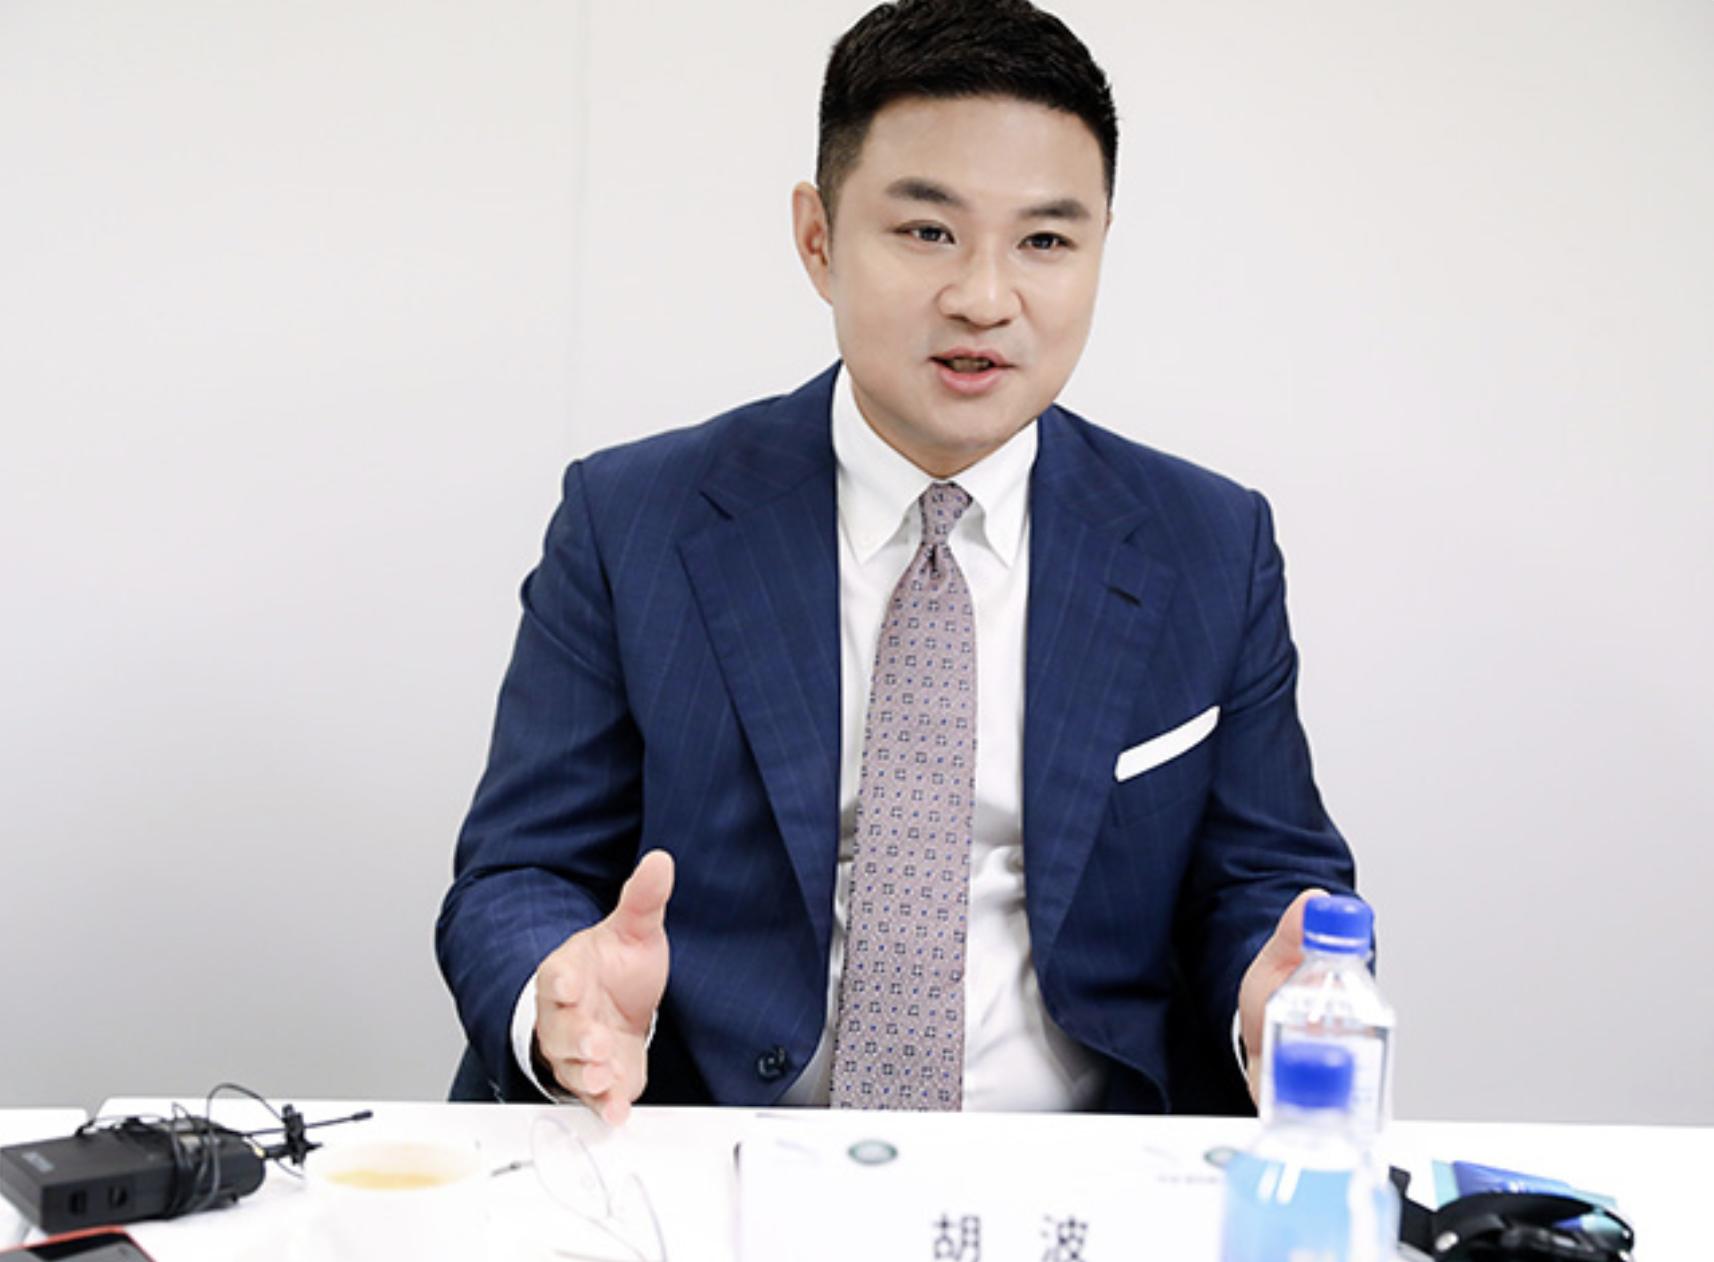 捷豹路虎中国市场和产品营销执行副总裁胡波